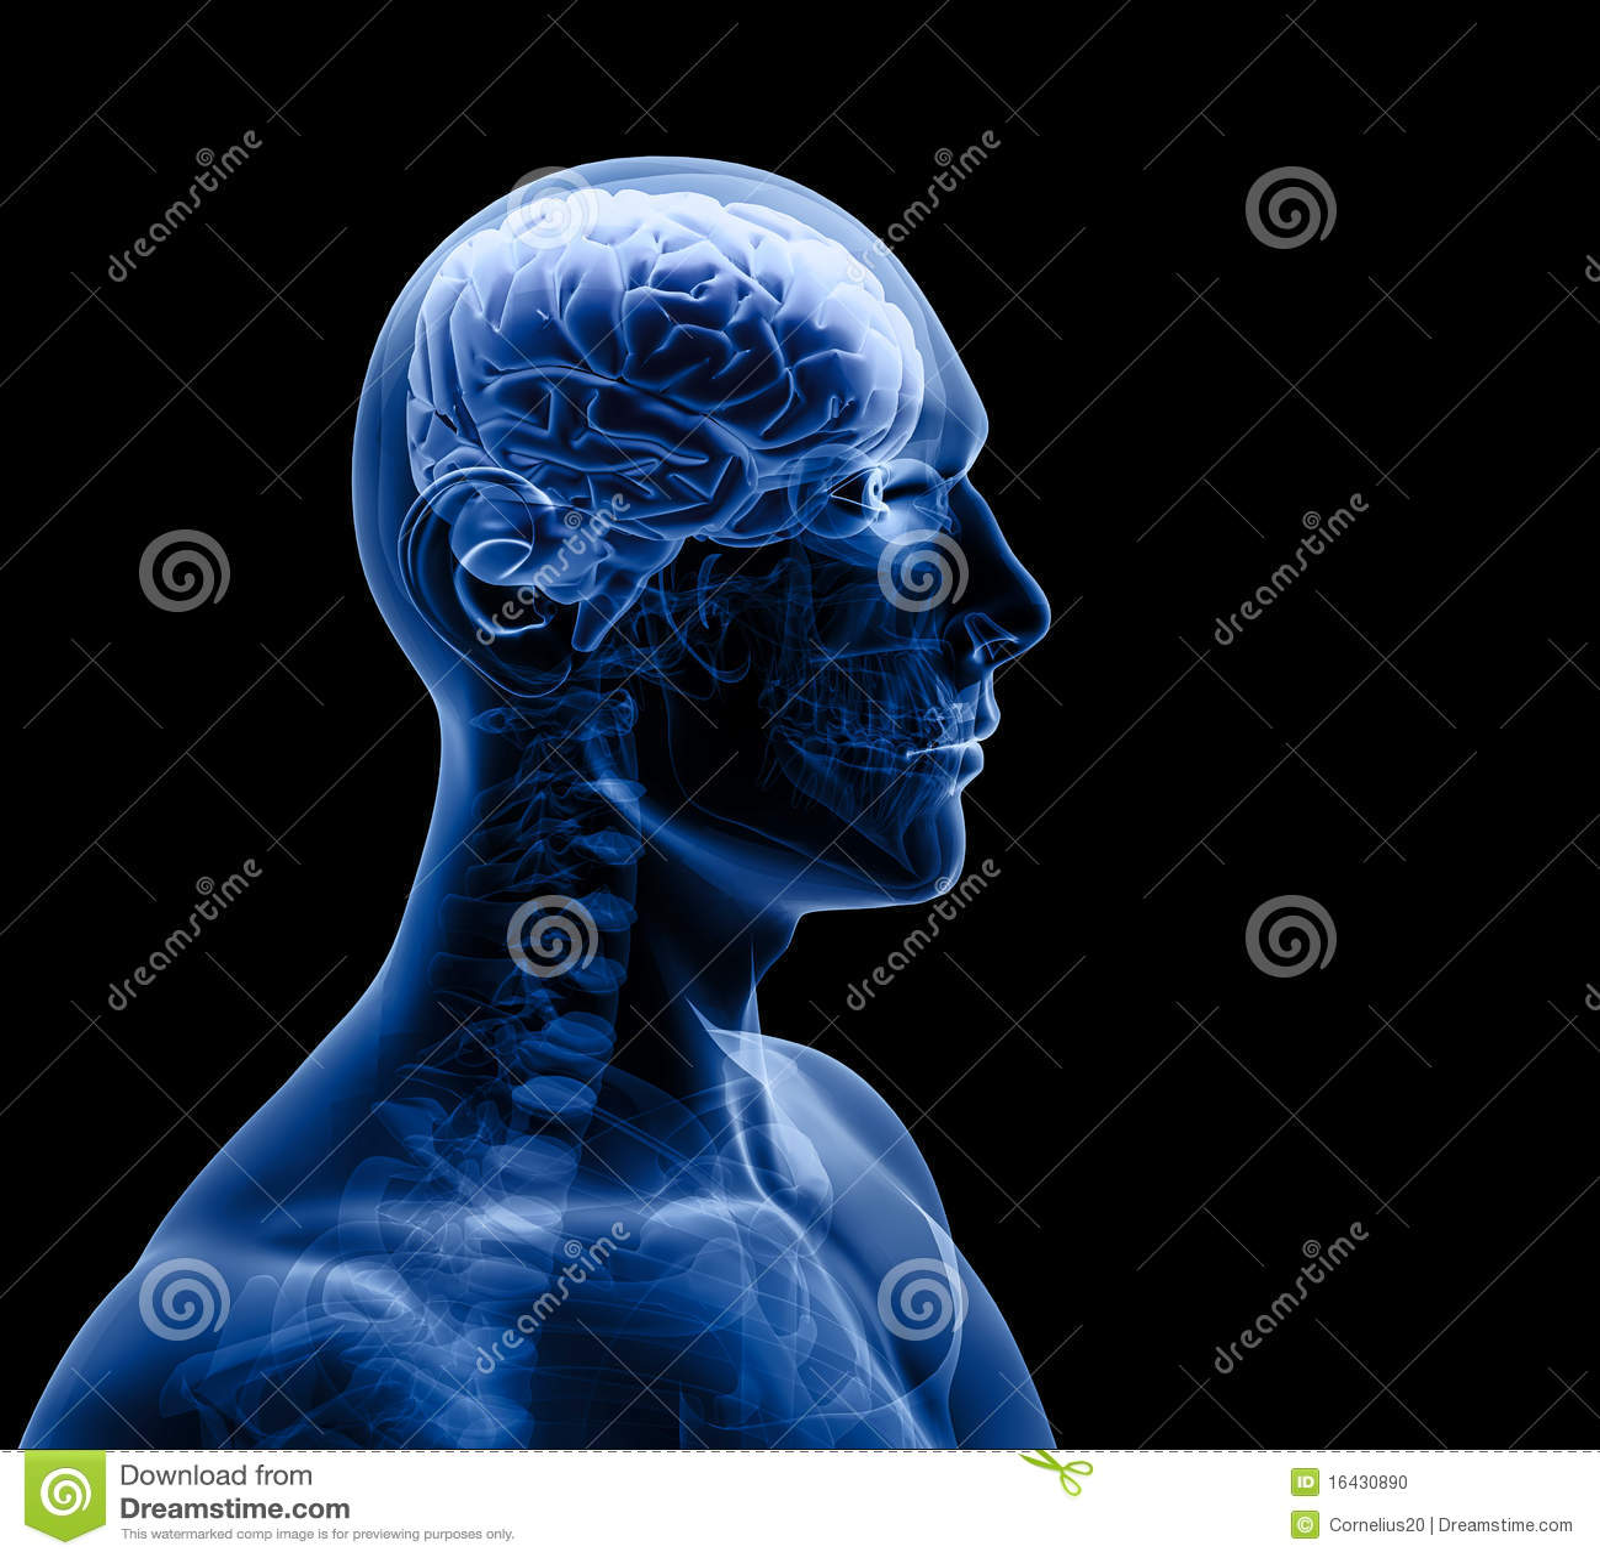 Manröntgenstrahl